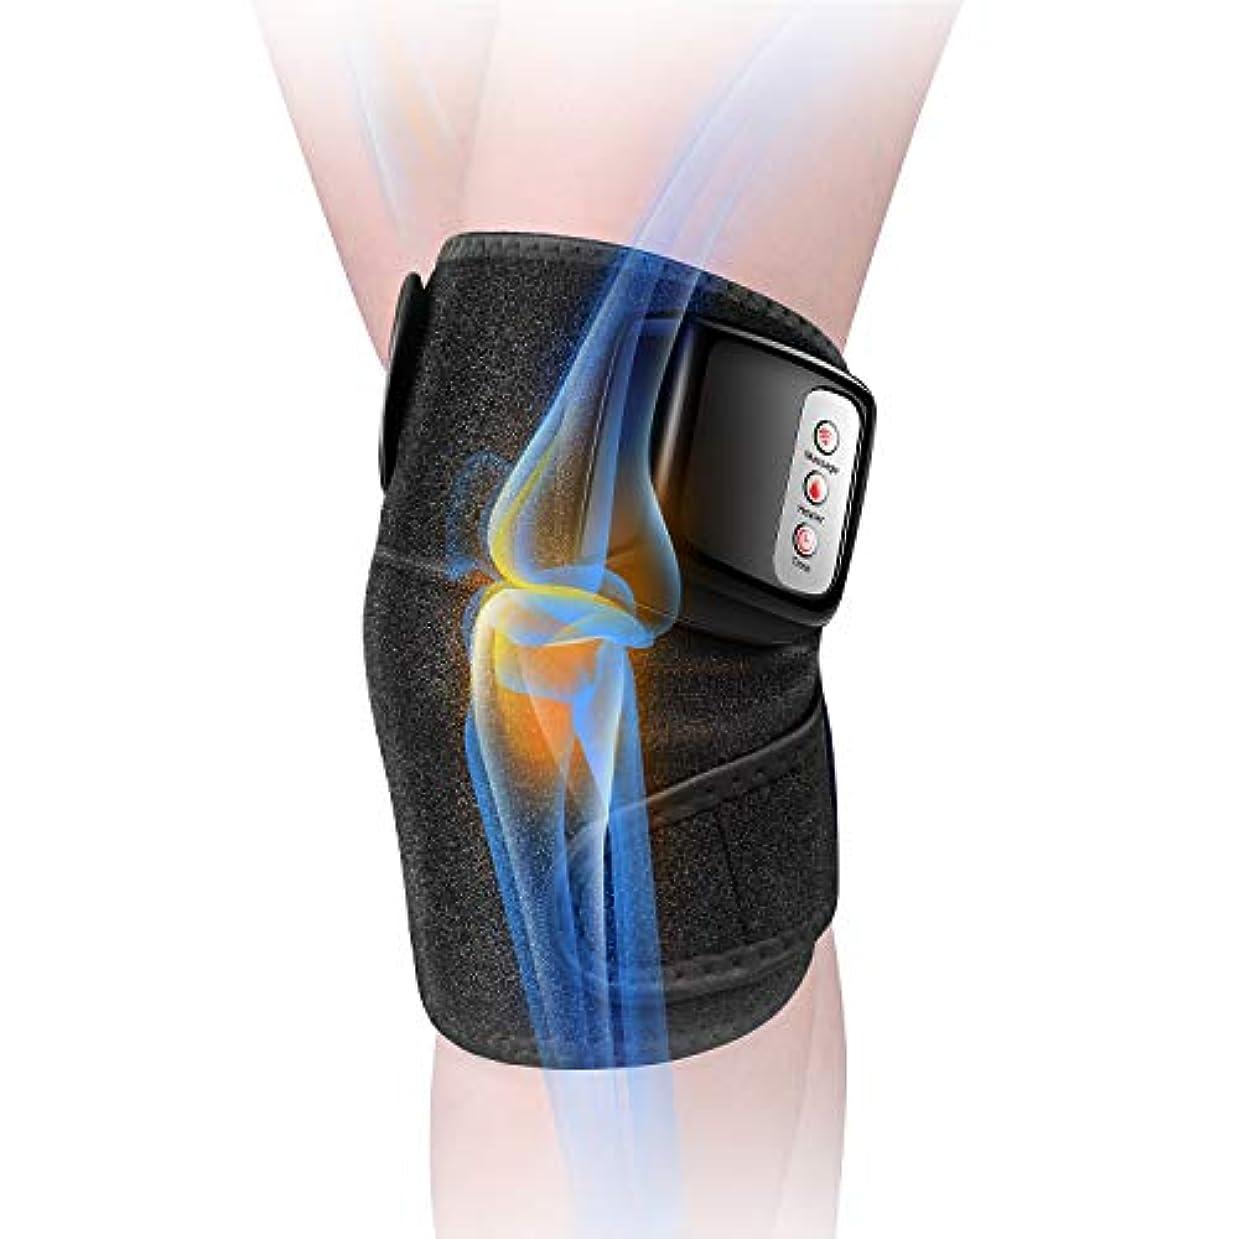 トランスミッション含意どっち膝マッサージャー 関節マッサージャー マッサージ器 フットマッサージャー 振動 赤外線療法 温熱療法 膝サポーター ストレス解消 肩 太もも/腕対応